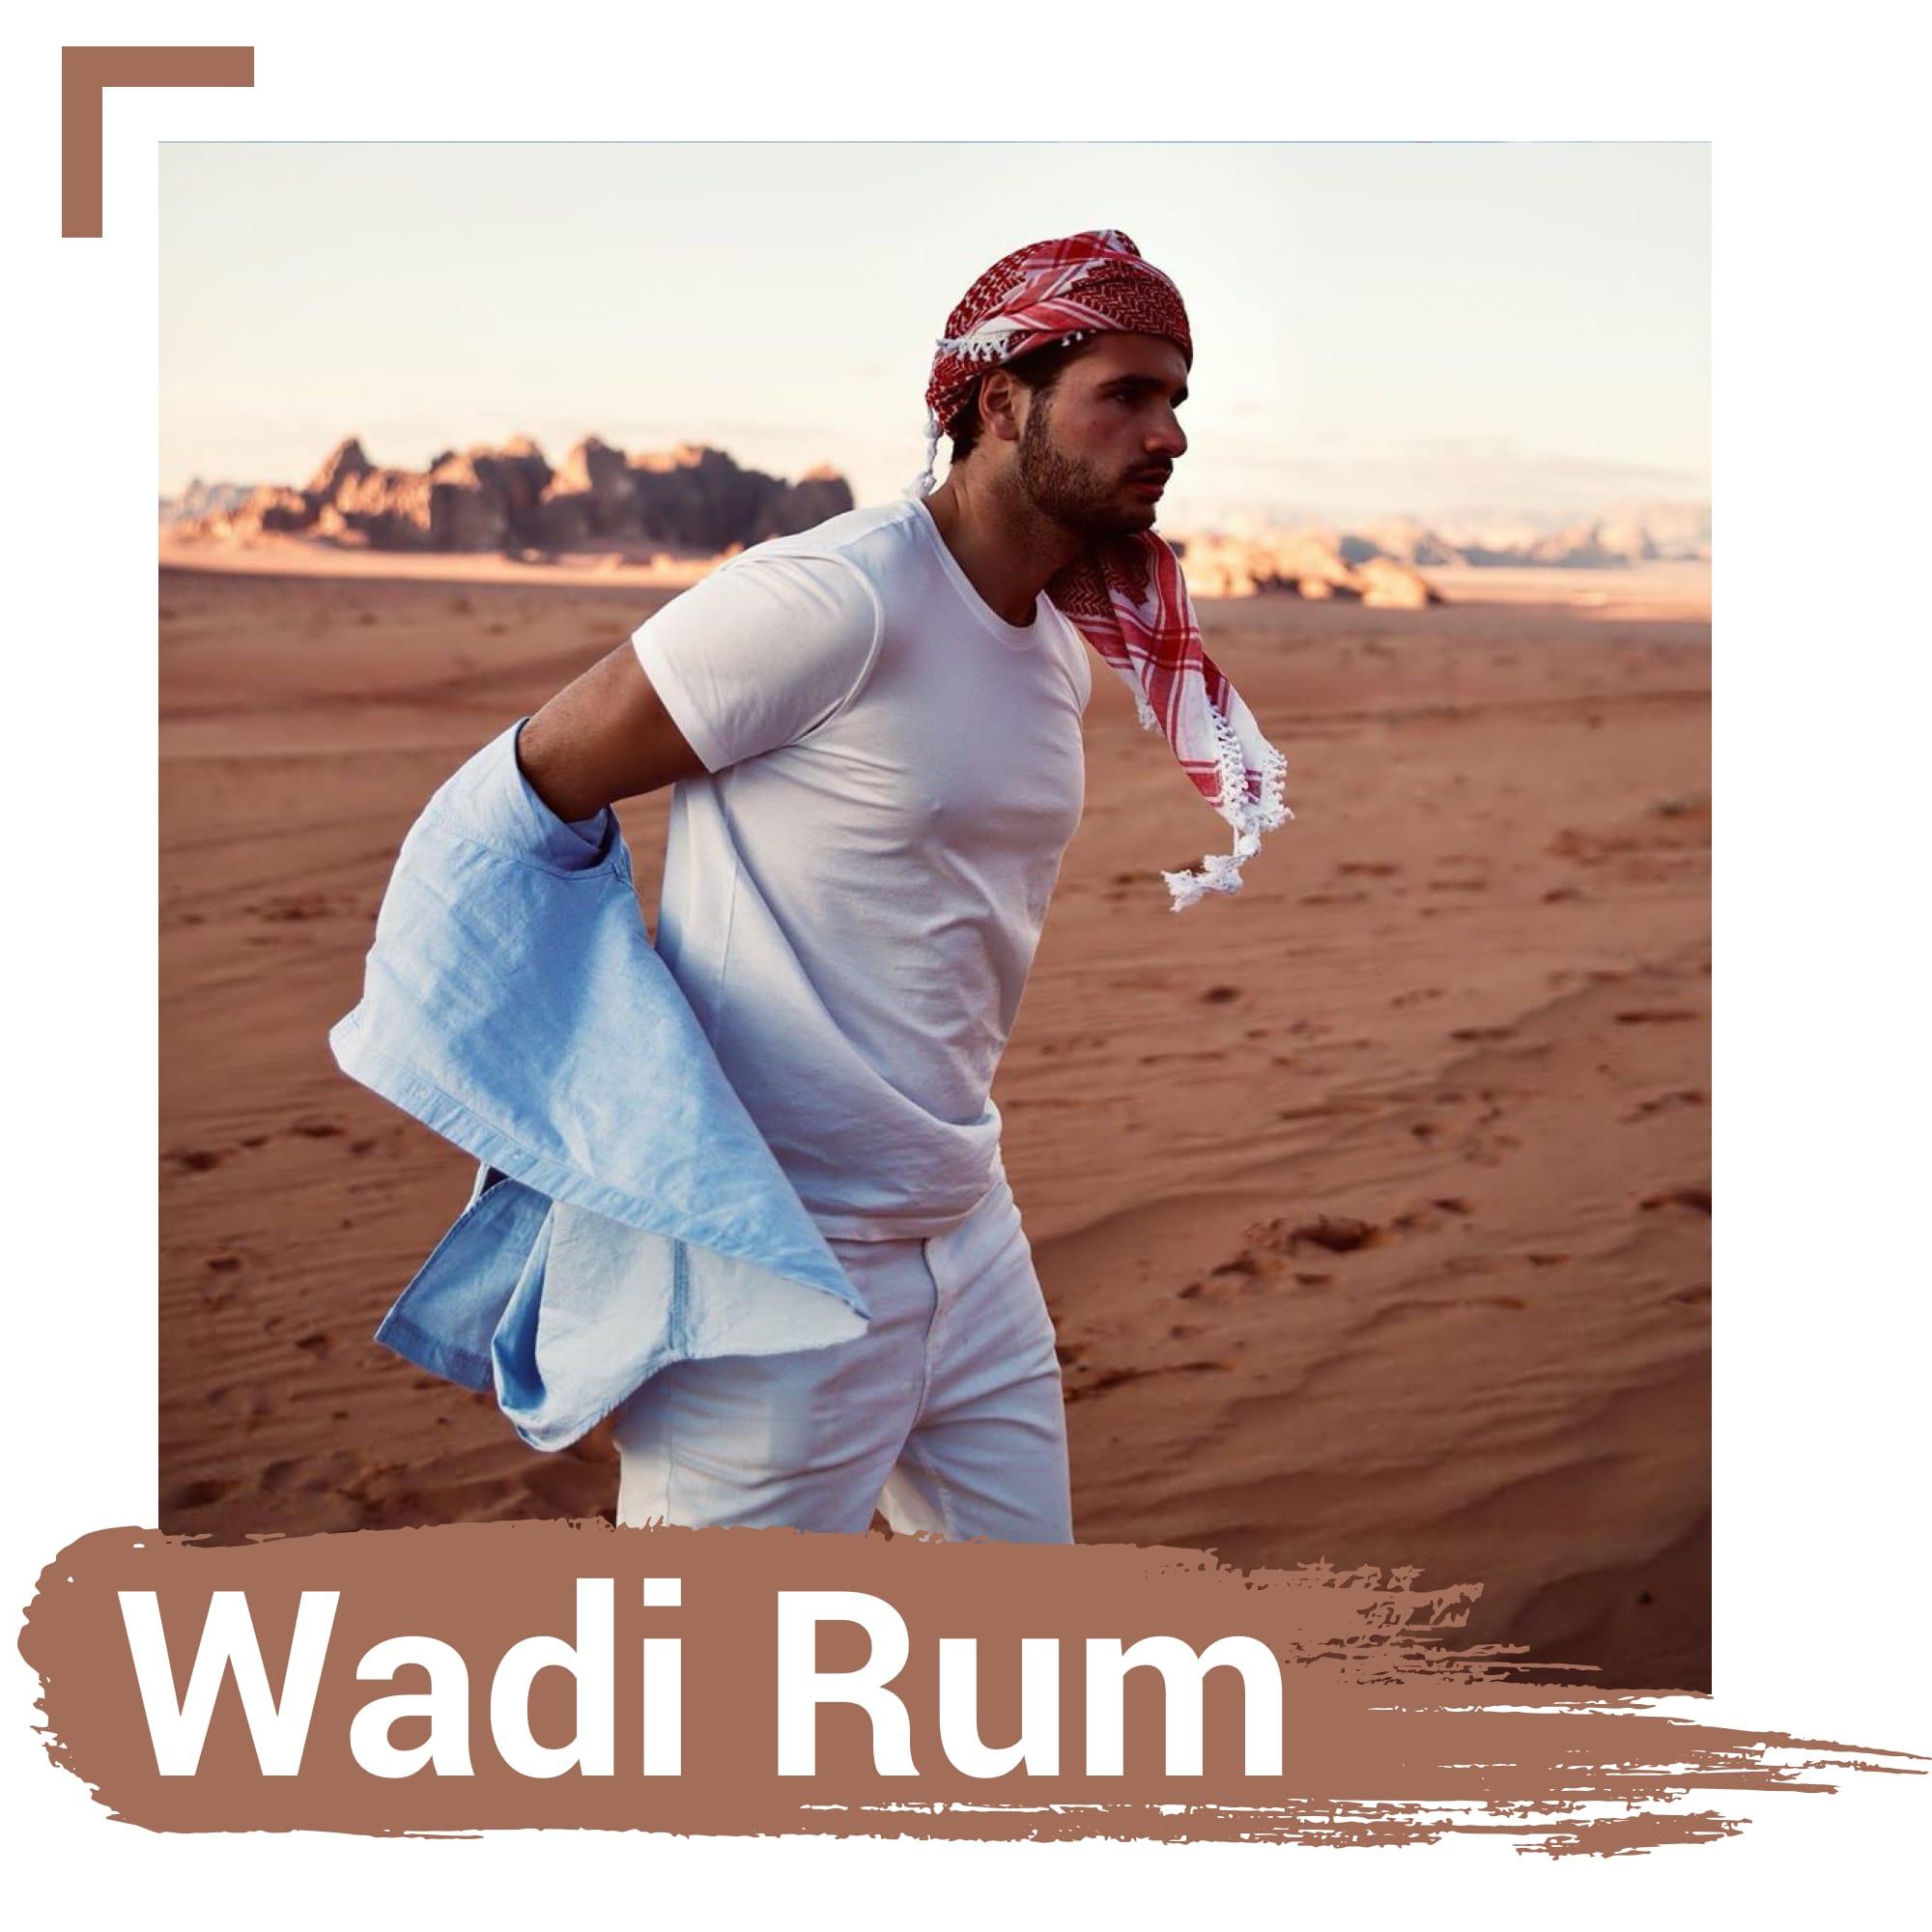 Ürdün'deki Wadi Rum